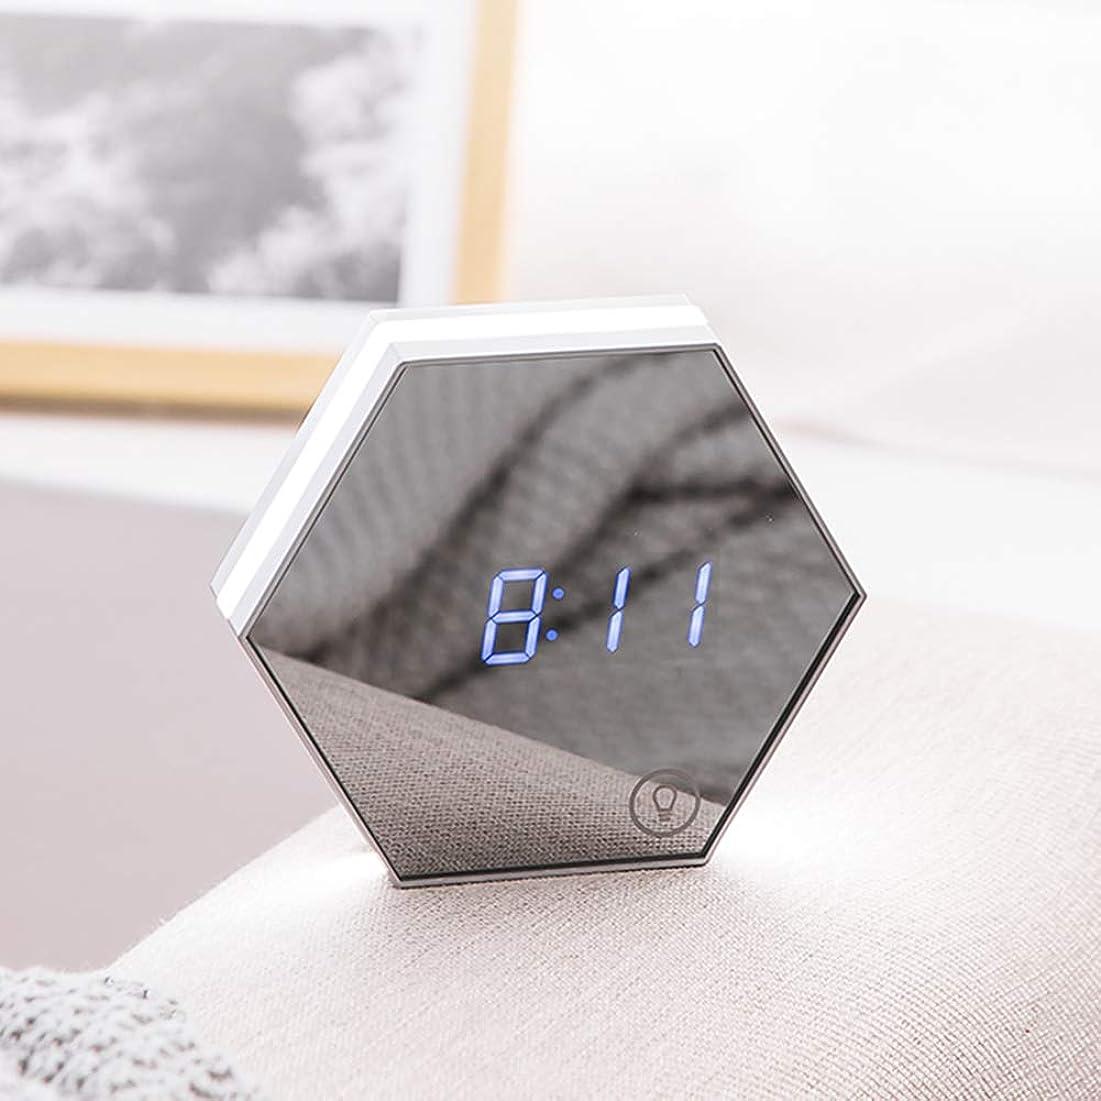 ニコチン墓地運命目覚まし時計デジタル多機能ミラー目覚まし時計充電式ポータブルスマート Led デジタル時間アラーム温度表示デスクまたは部屋の装飾旅行目覚まし時計,White